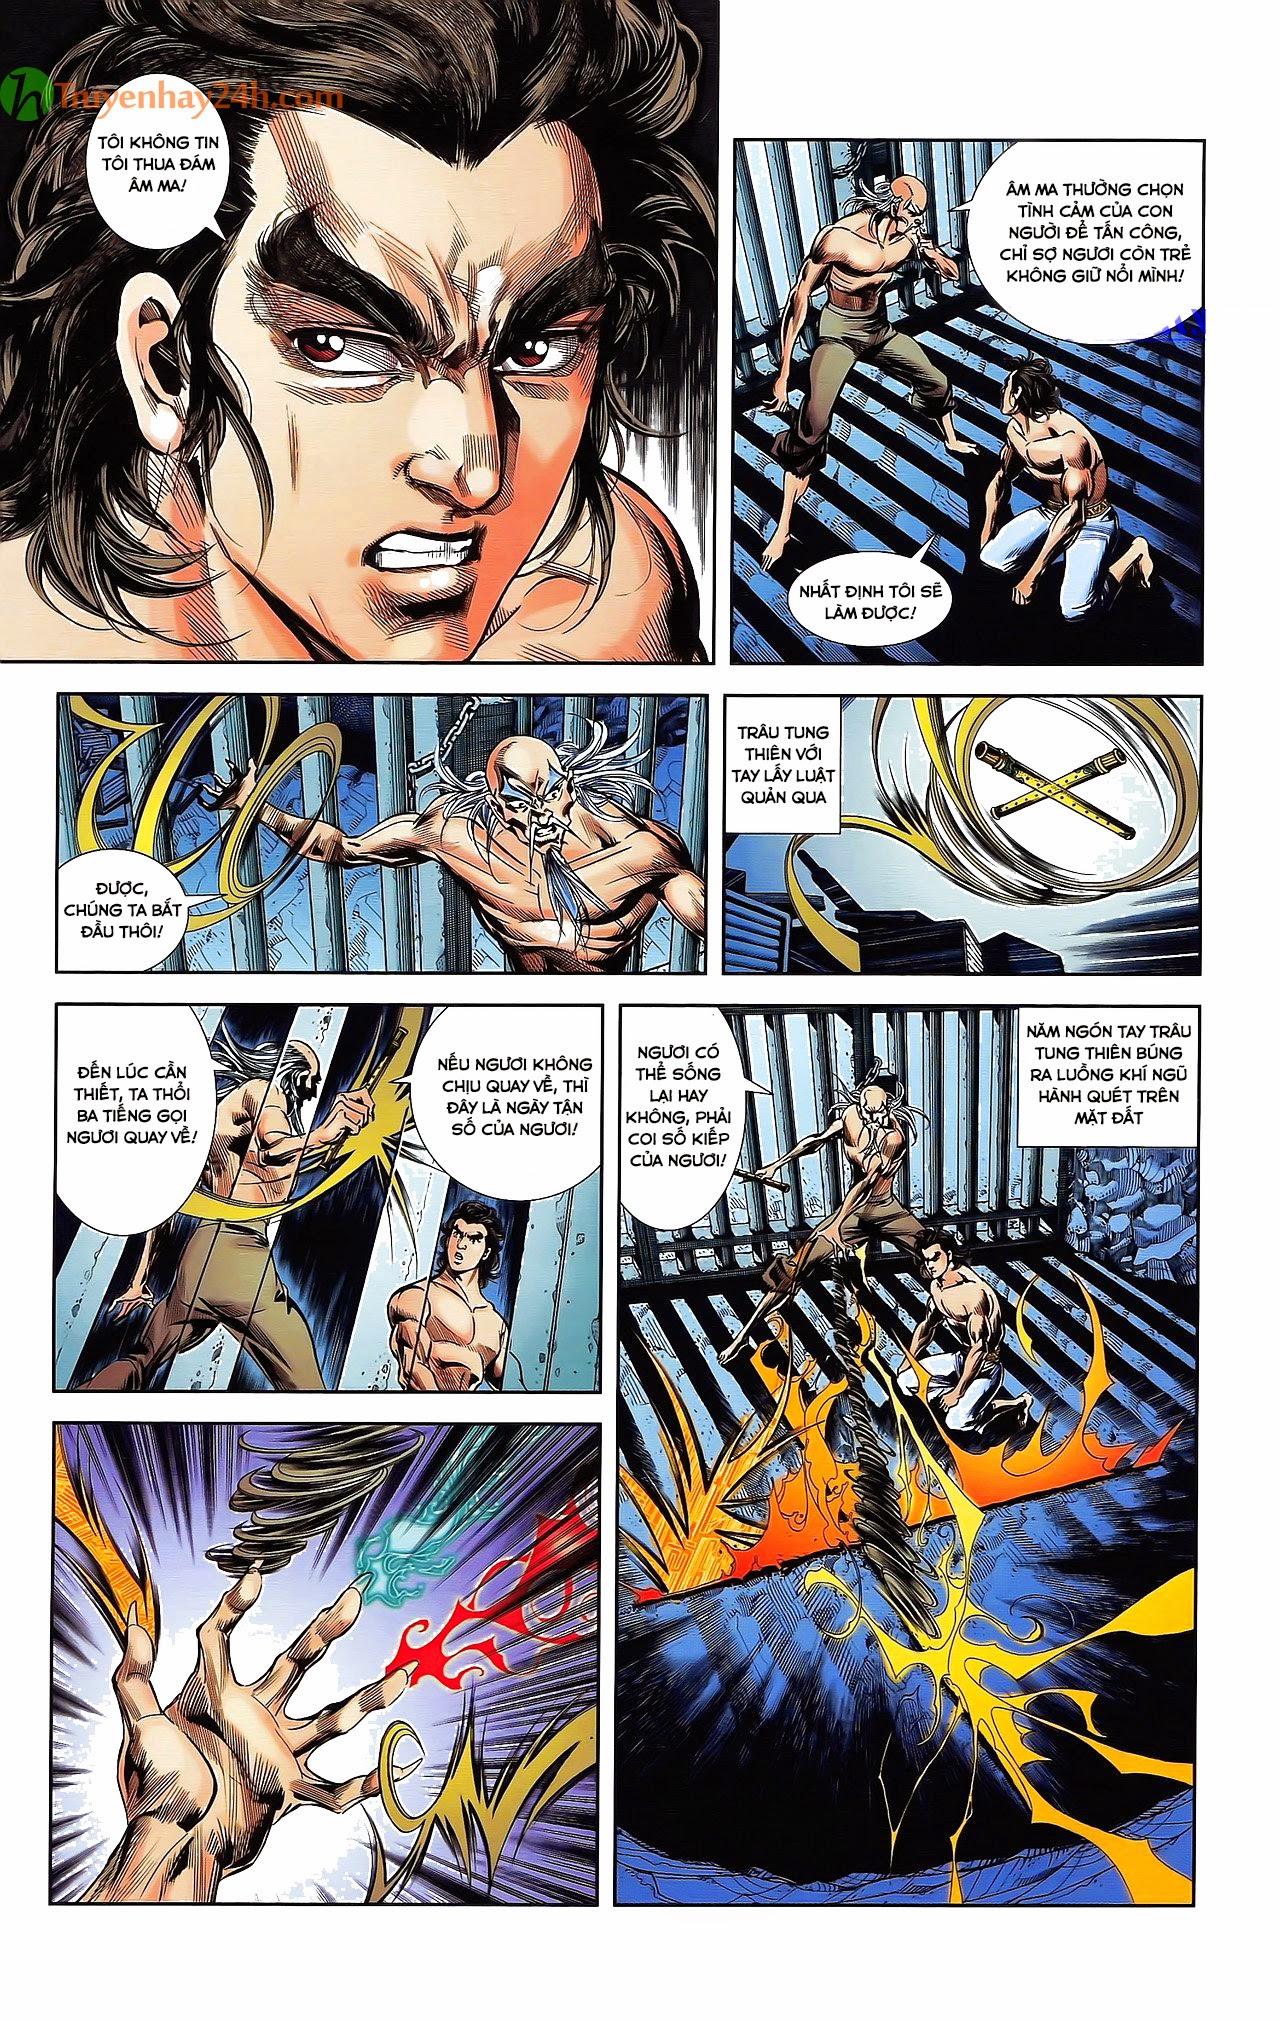 Tần Vương Doanh Chính chapter 30 trang 14